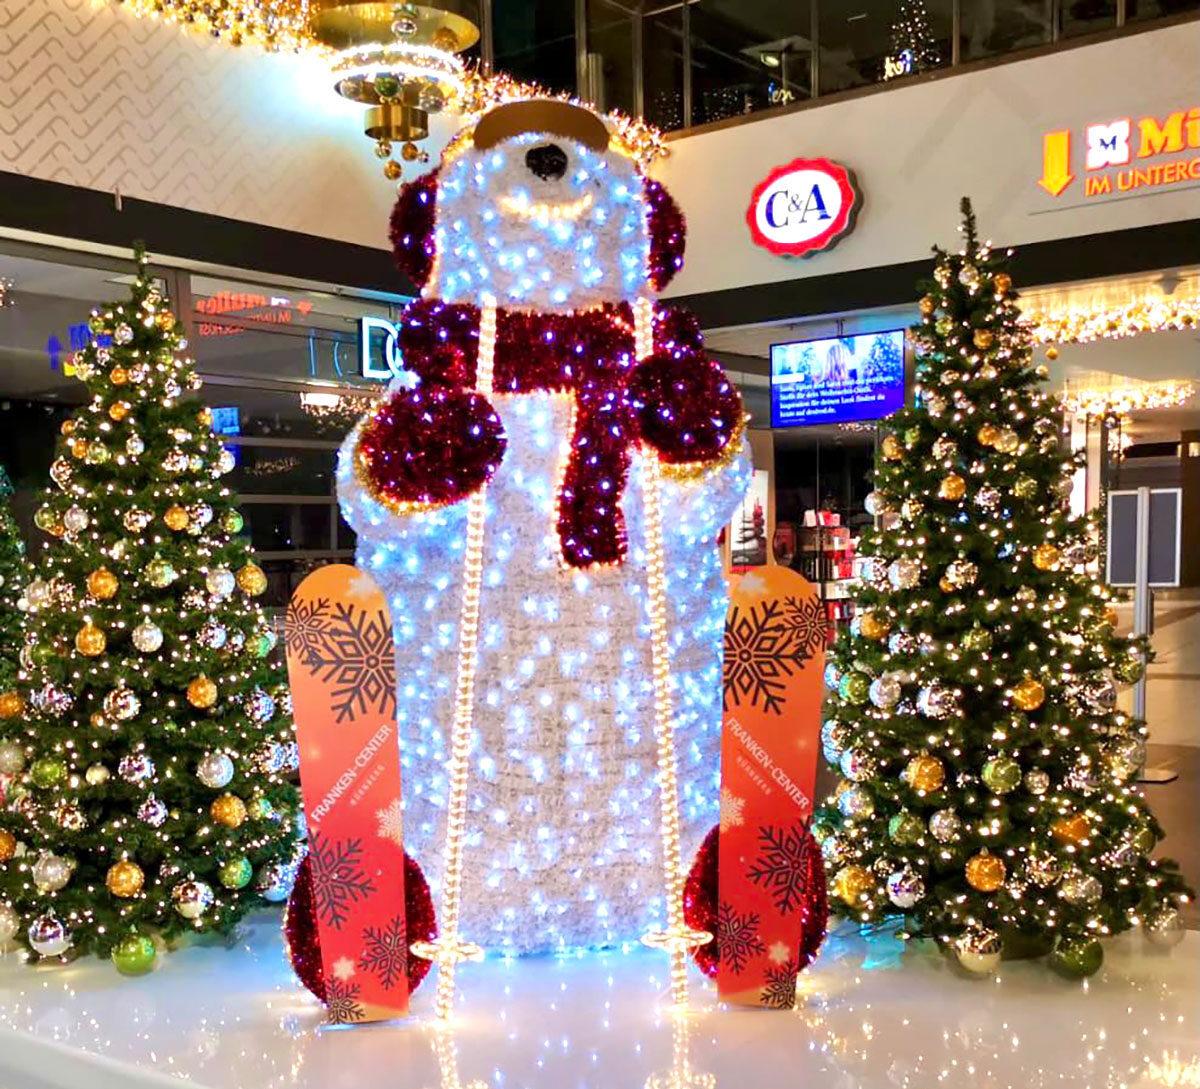 LED Eisbär mit Weihnachtsbäumen als Groß-Dekoration im Shoppingcenter